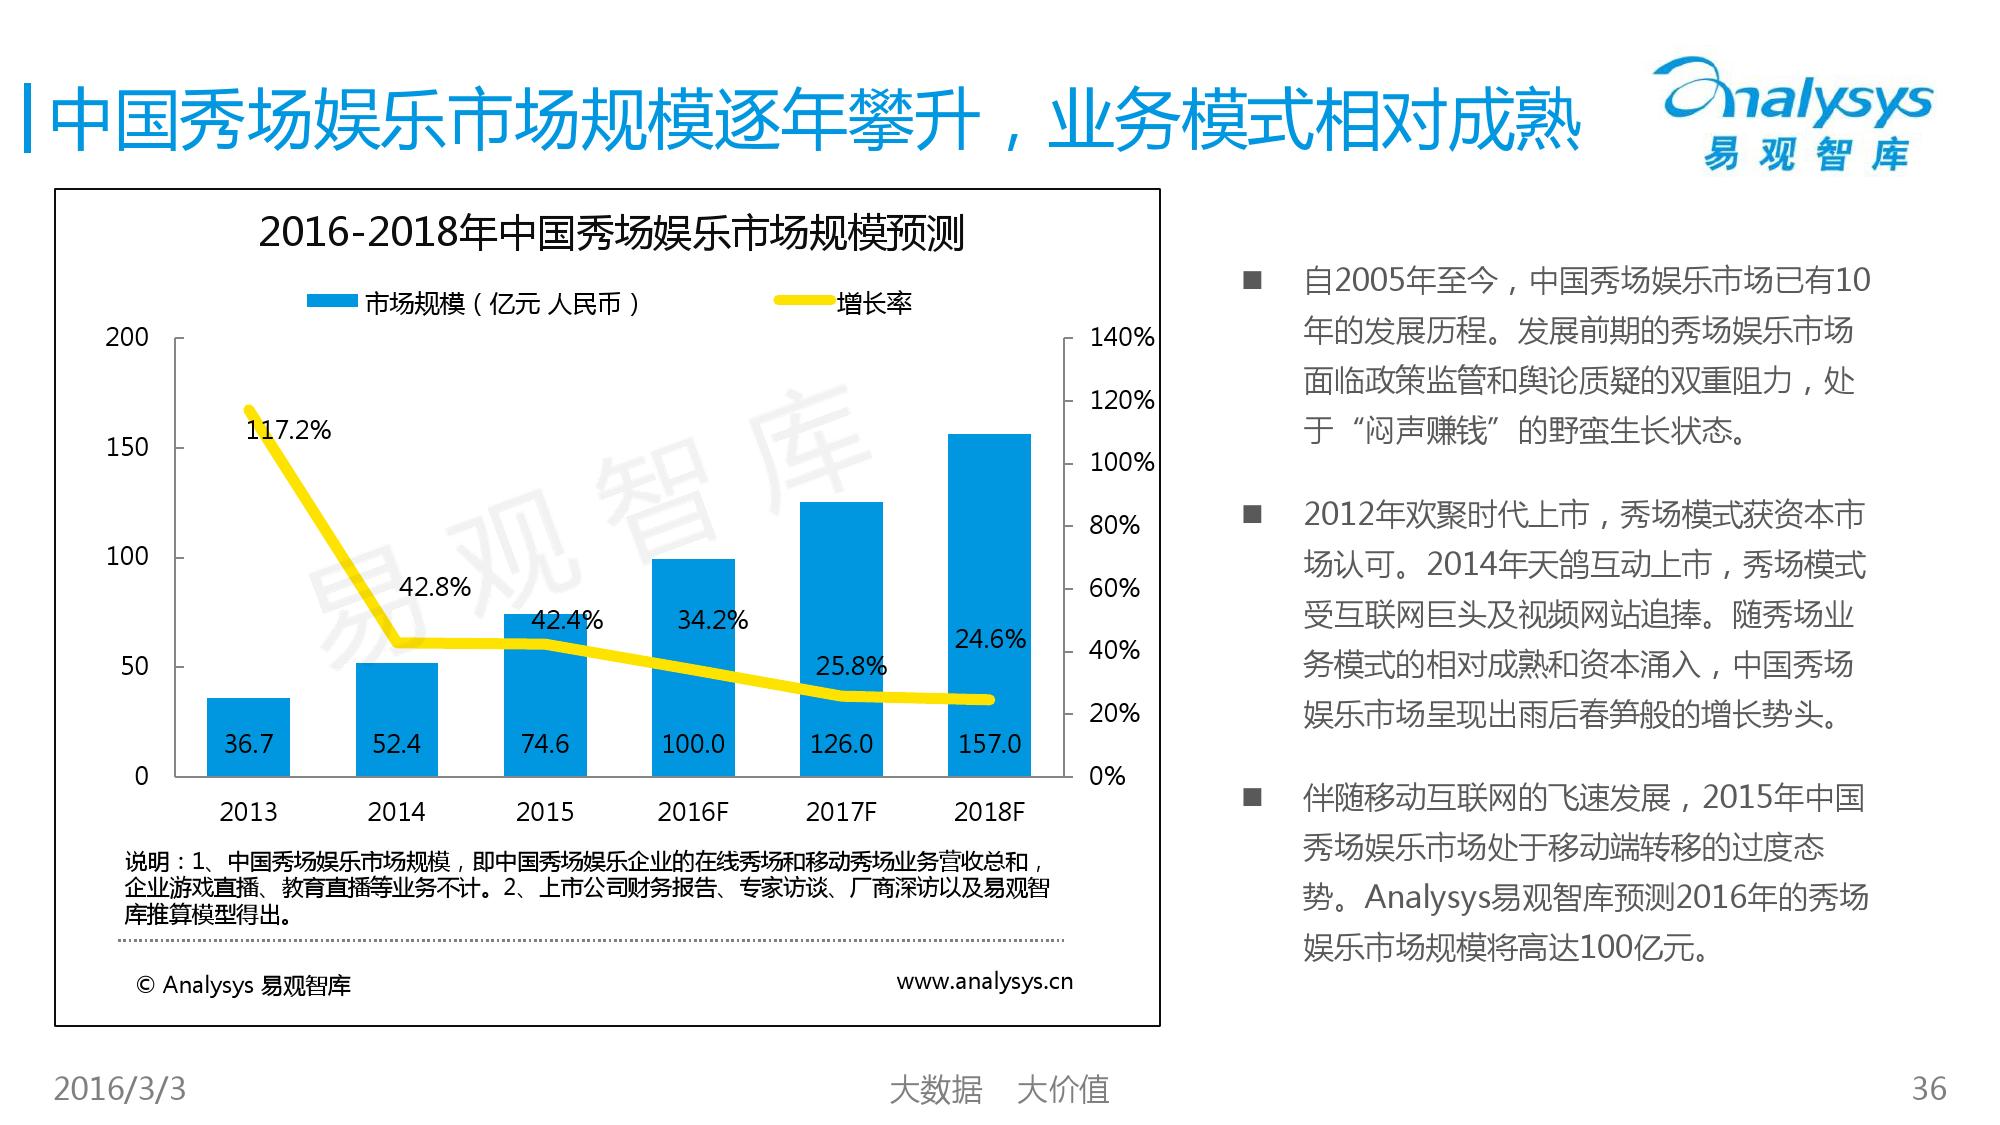 中国秀场娱乐市场专题研究报告2016_000036